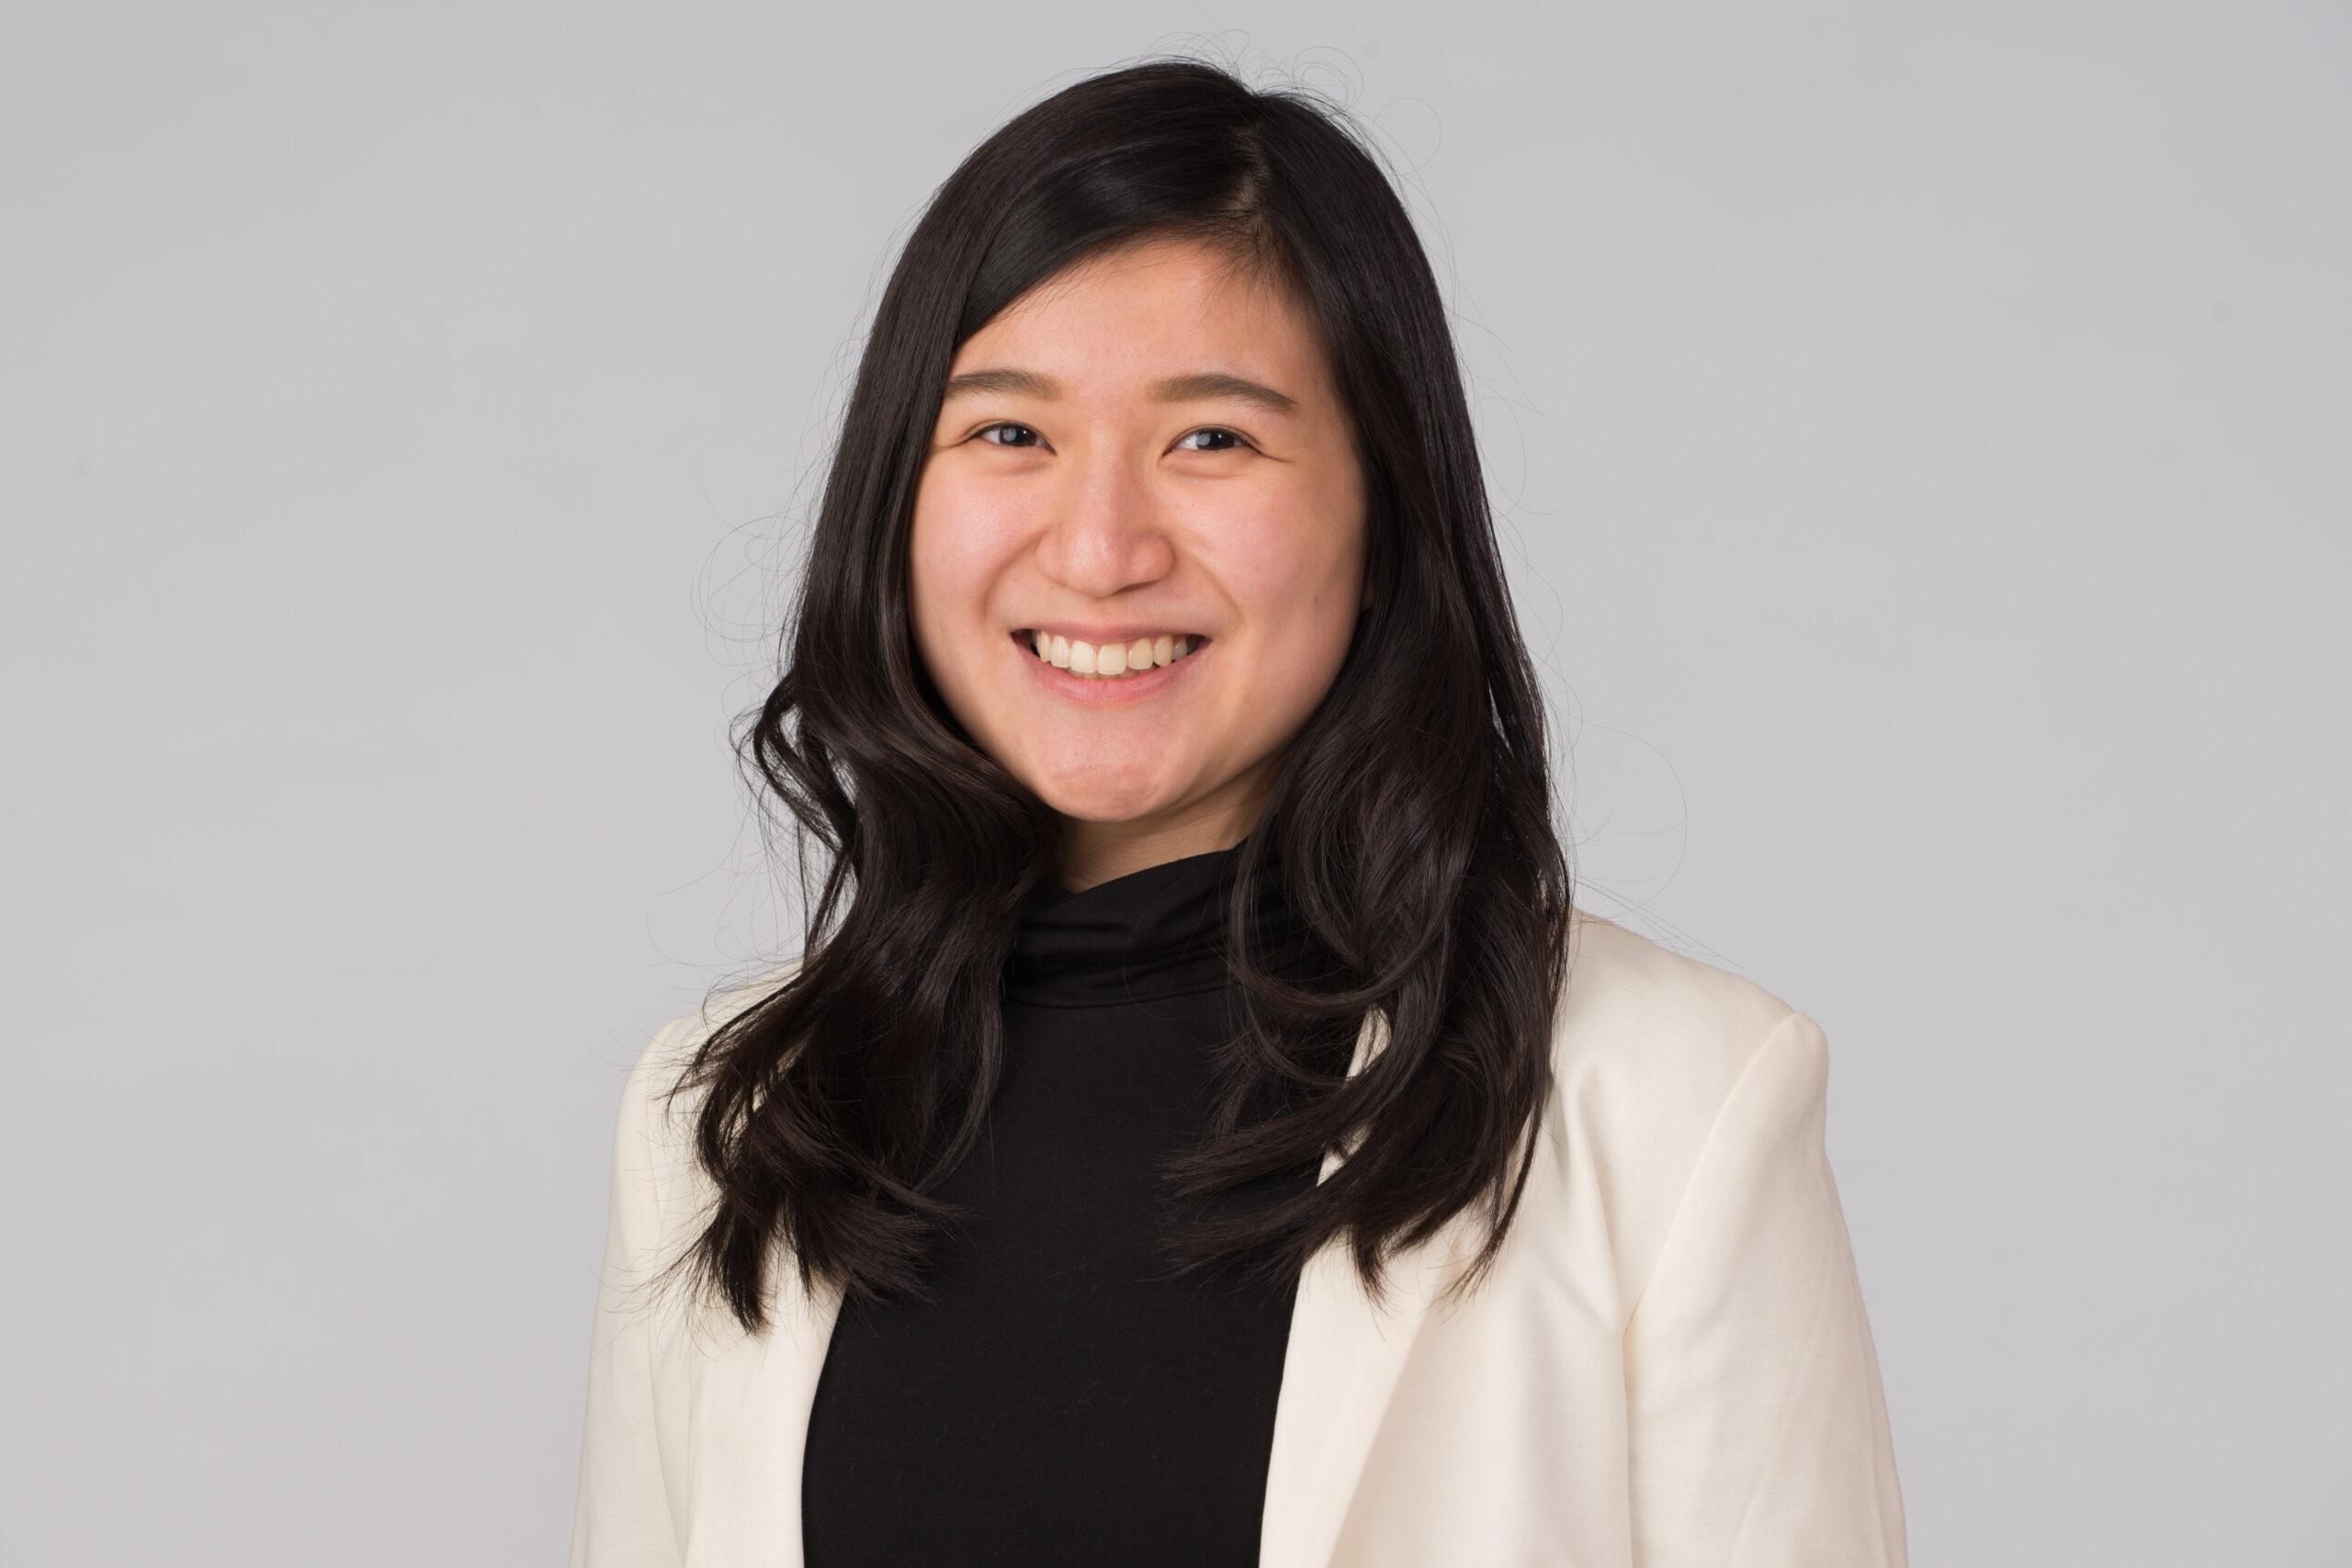 Xiao Yun Sim